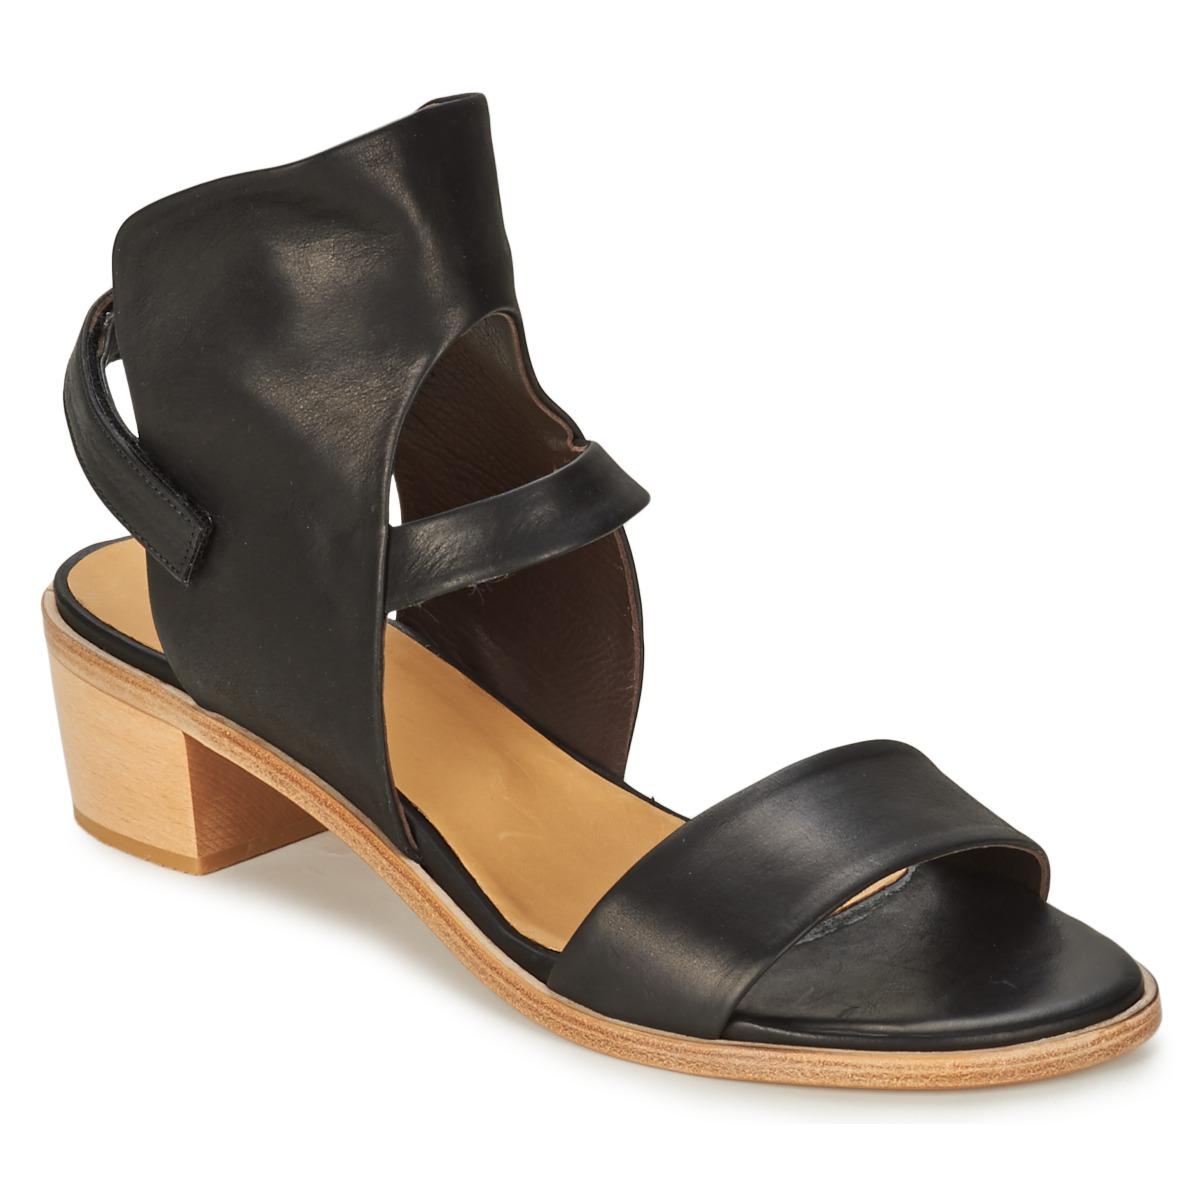 Coclico TYRION Schwarz - Kostenloser Versand bei Spartoode ! - Schuhe Sandalen / Sandaletten Damen 131,30 €